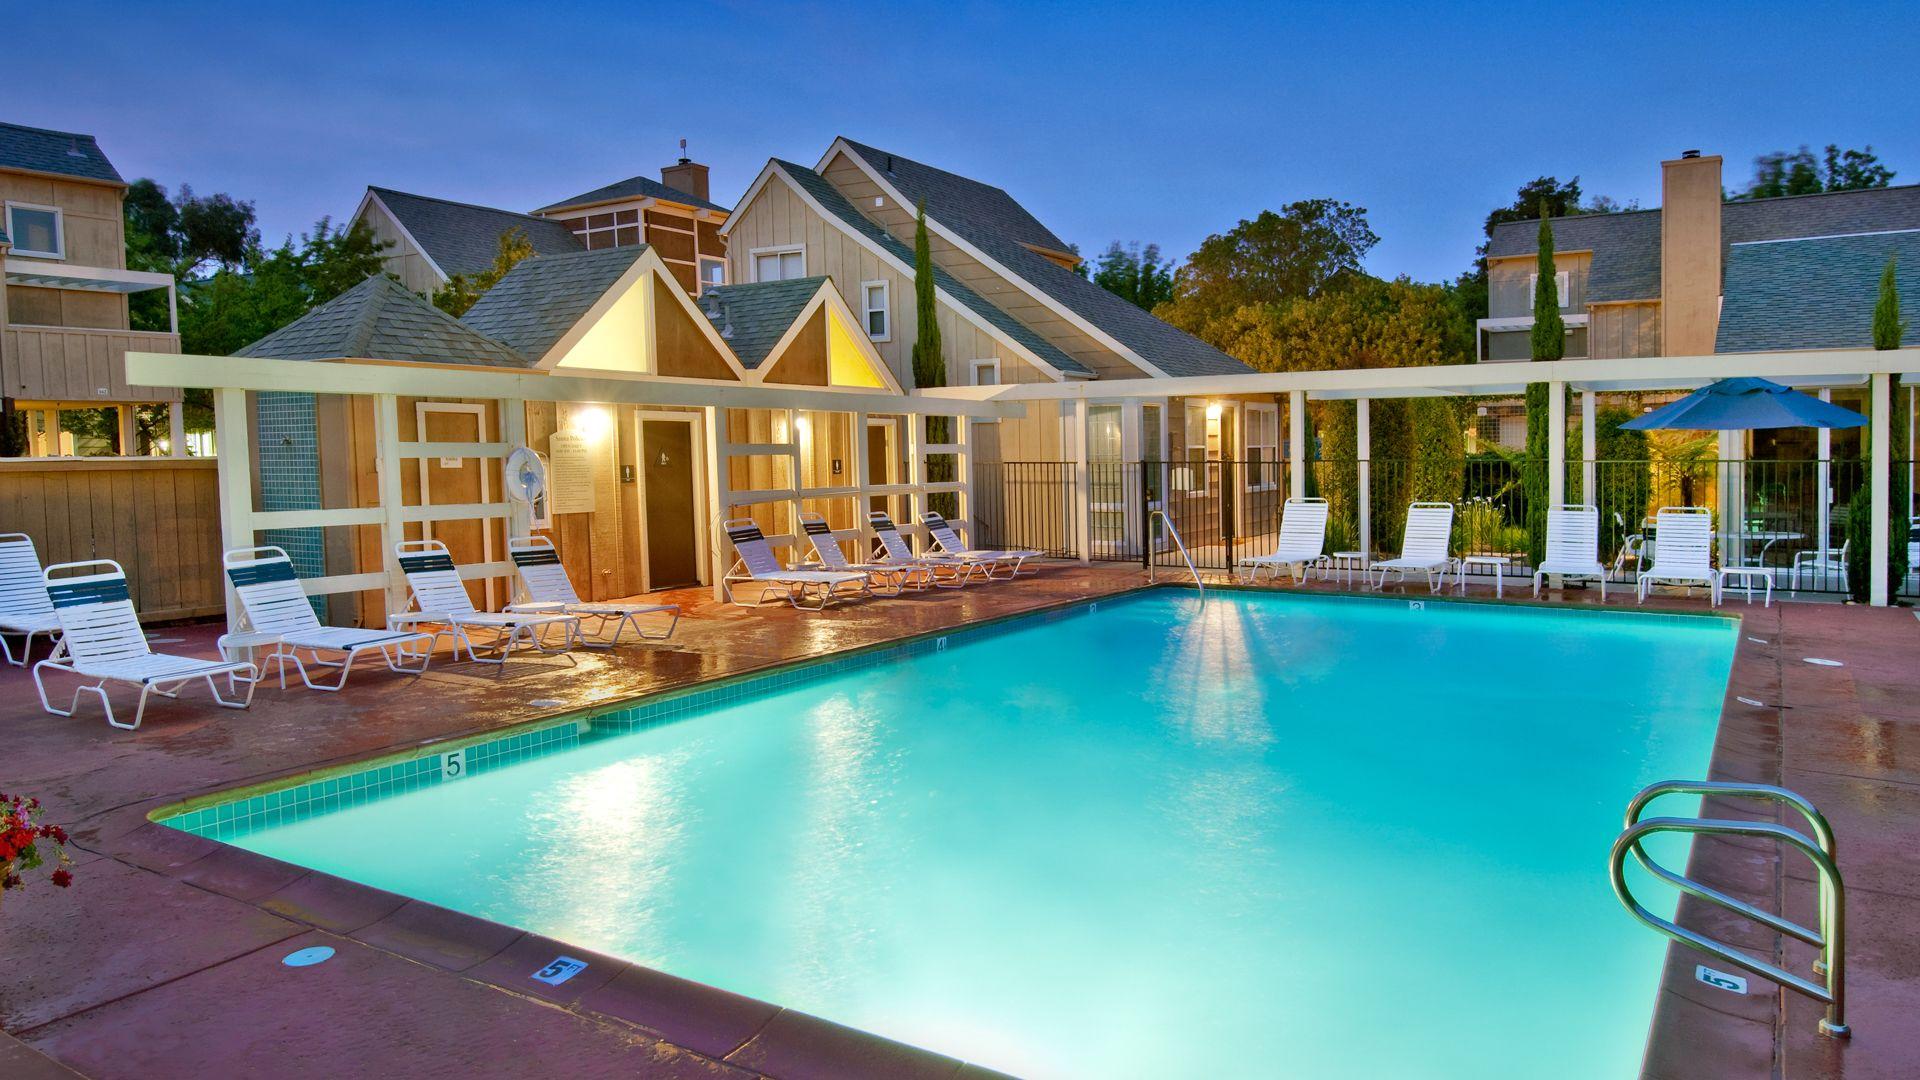 Riva Terra Apartments at Redwood Shores - Pool